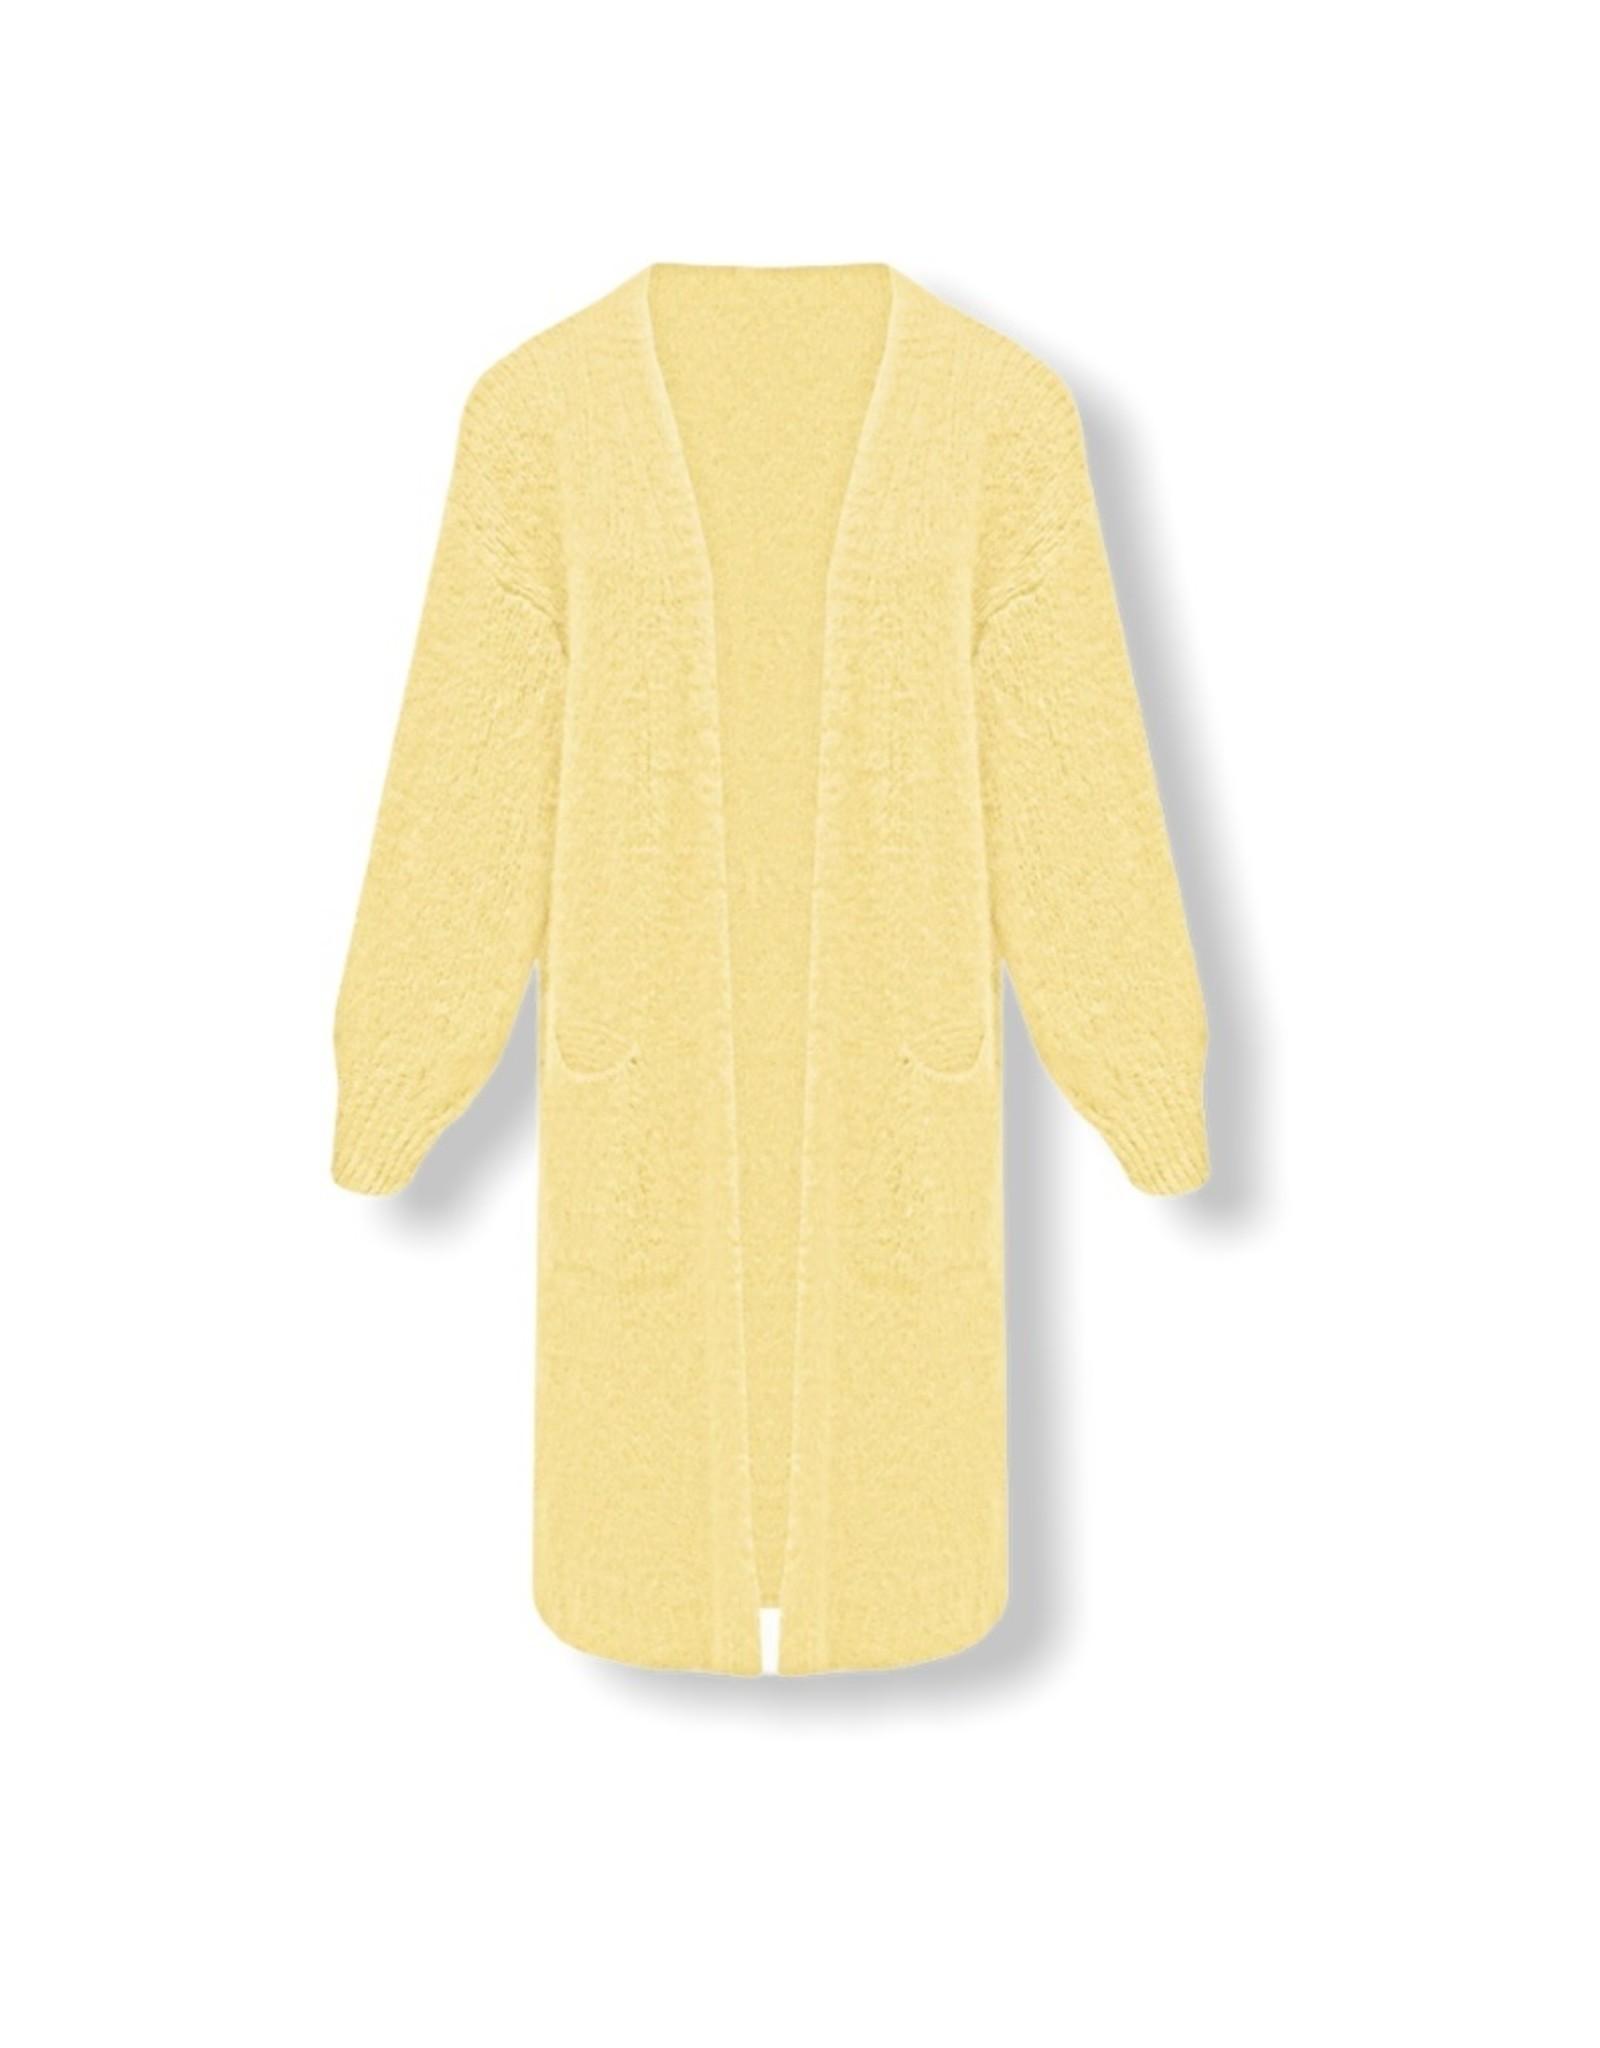 Oversized vest - geel